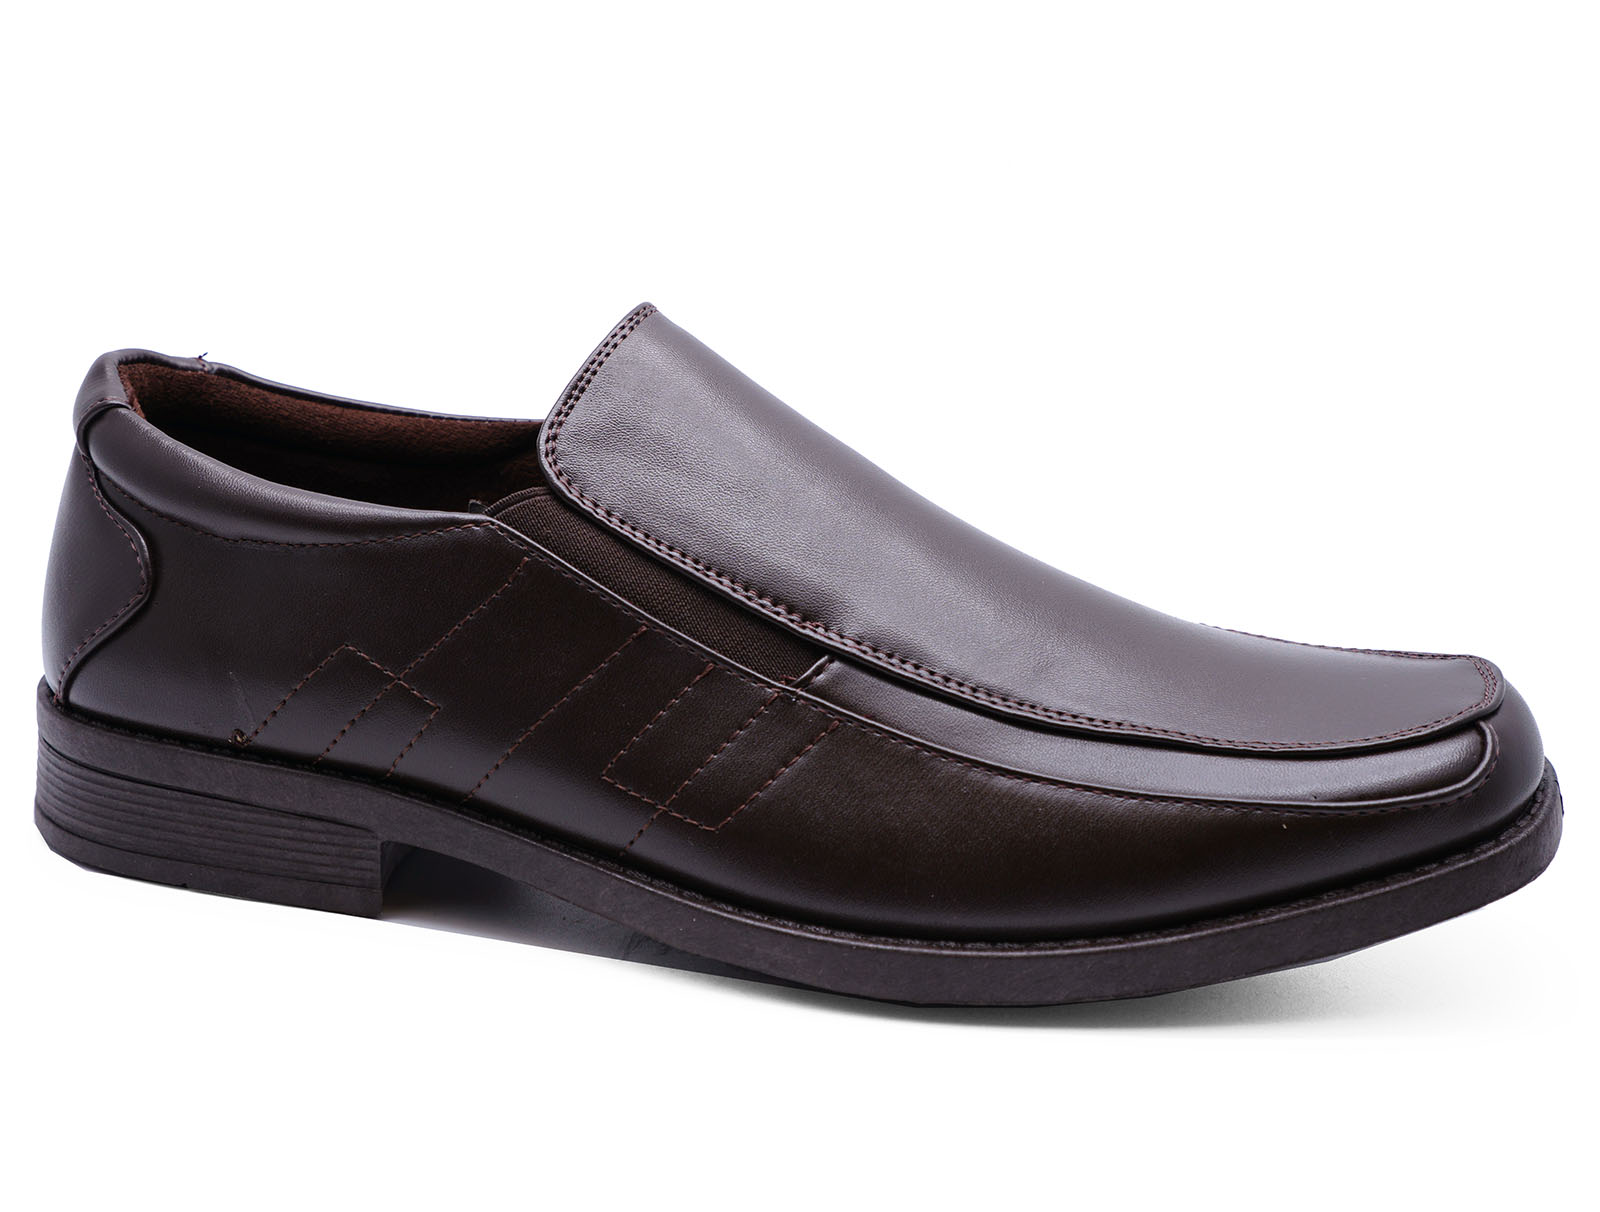 pour mariage et homme tailles confortables à talons élégantes 12 7 aiguilles Chaussures brun F4pHw